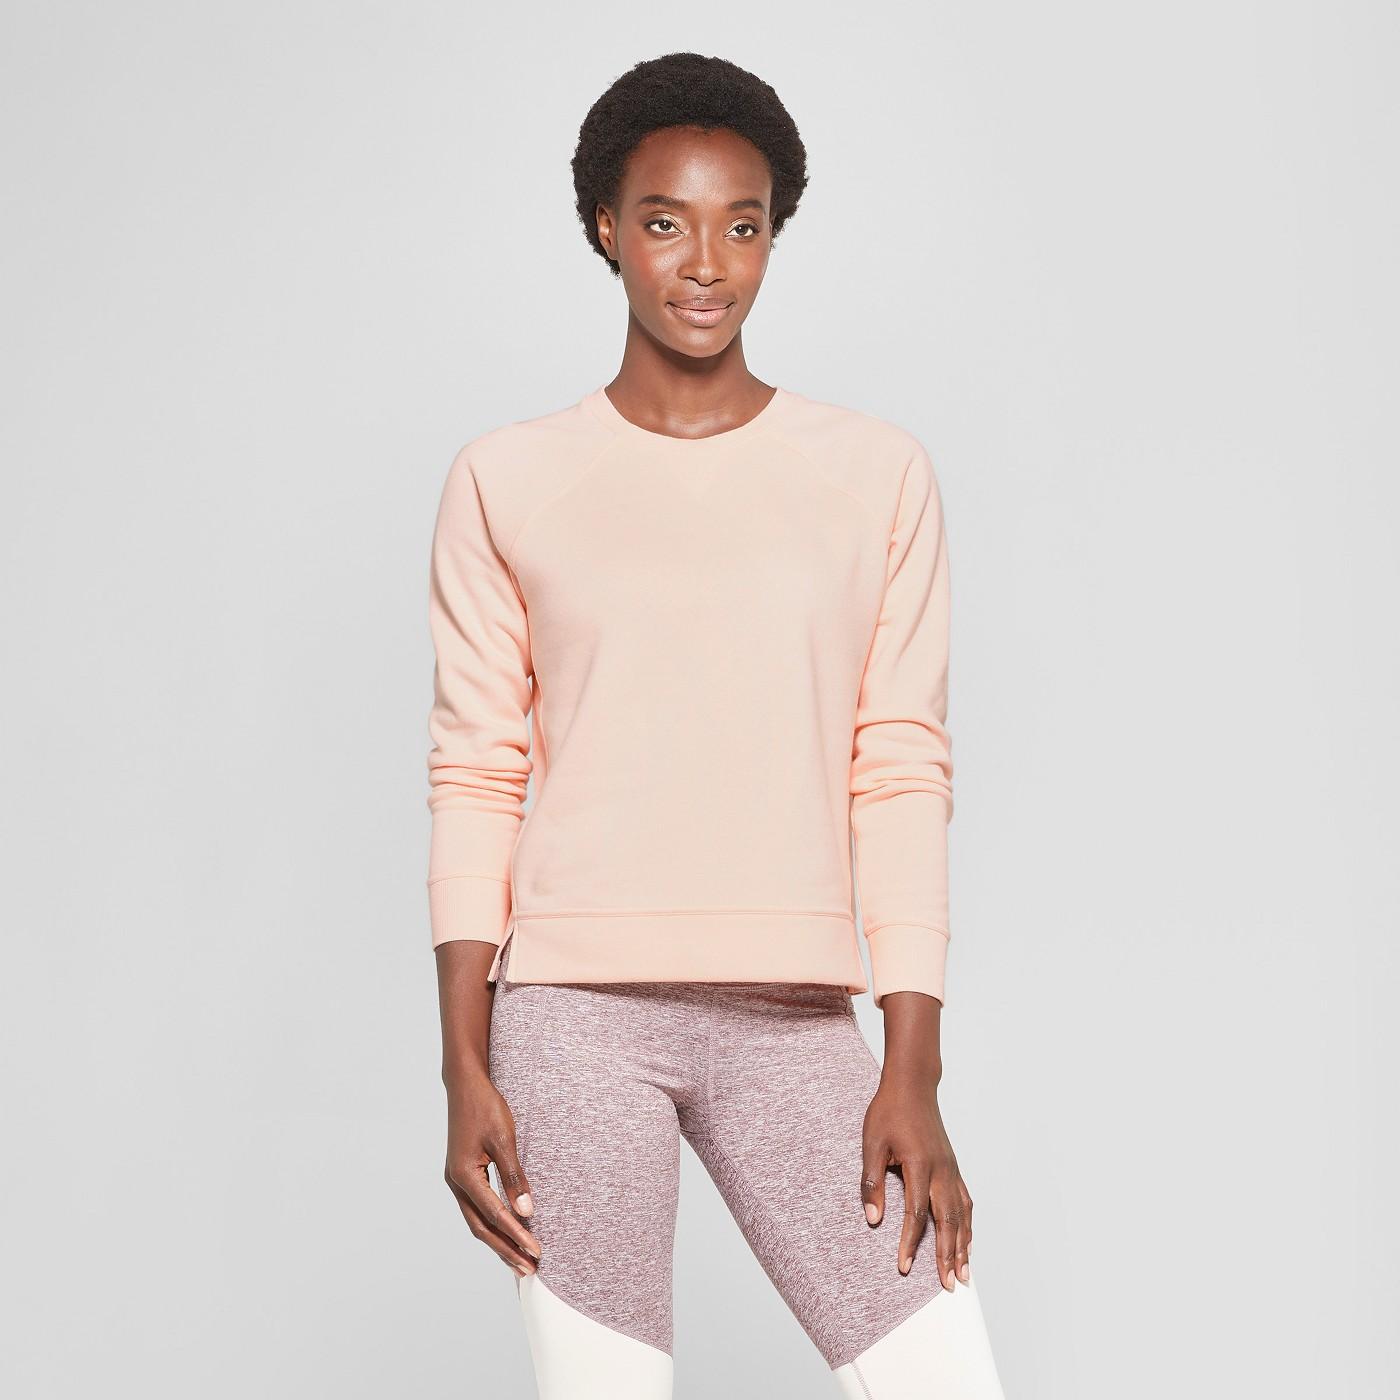 target fleece sweater